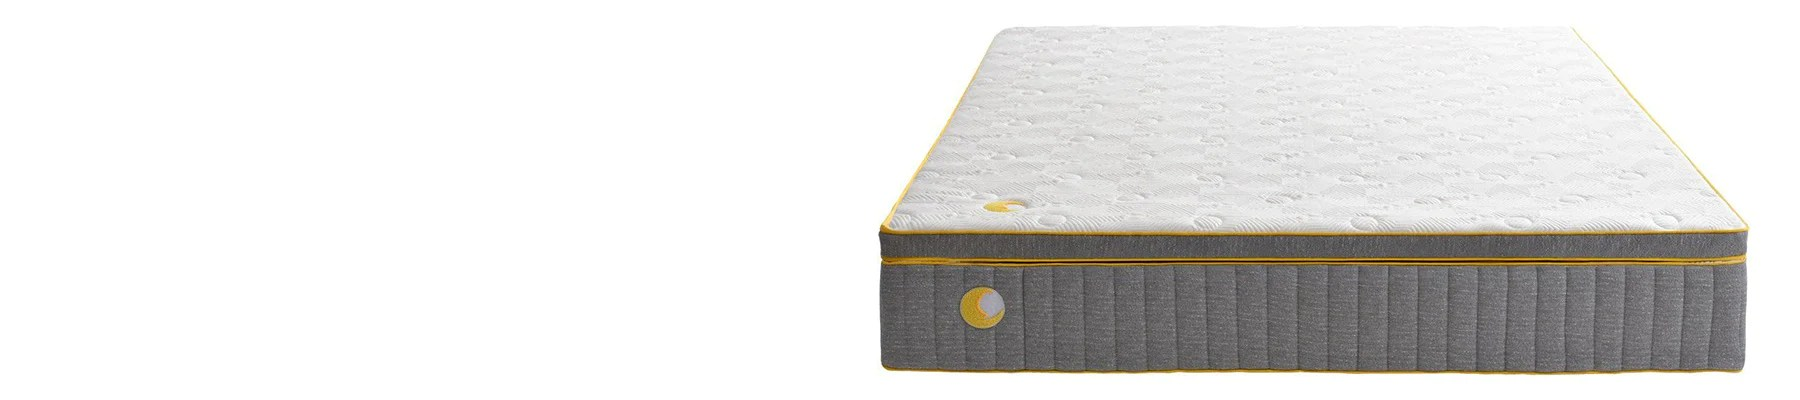 查看香港單人或雙人床褥的尺寸及厚度 | Comma Sleep